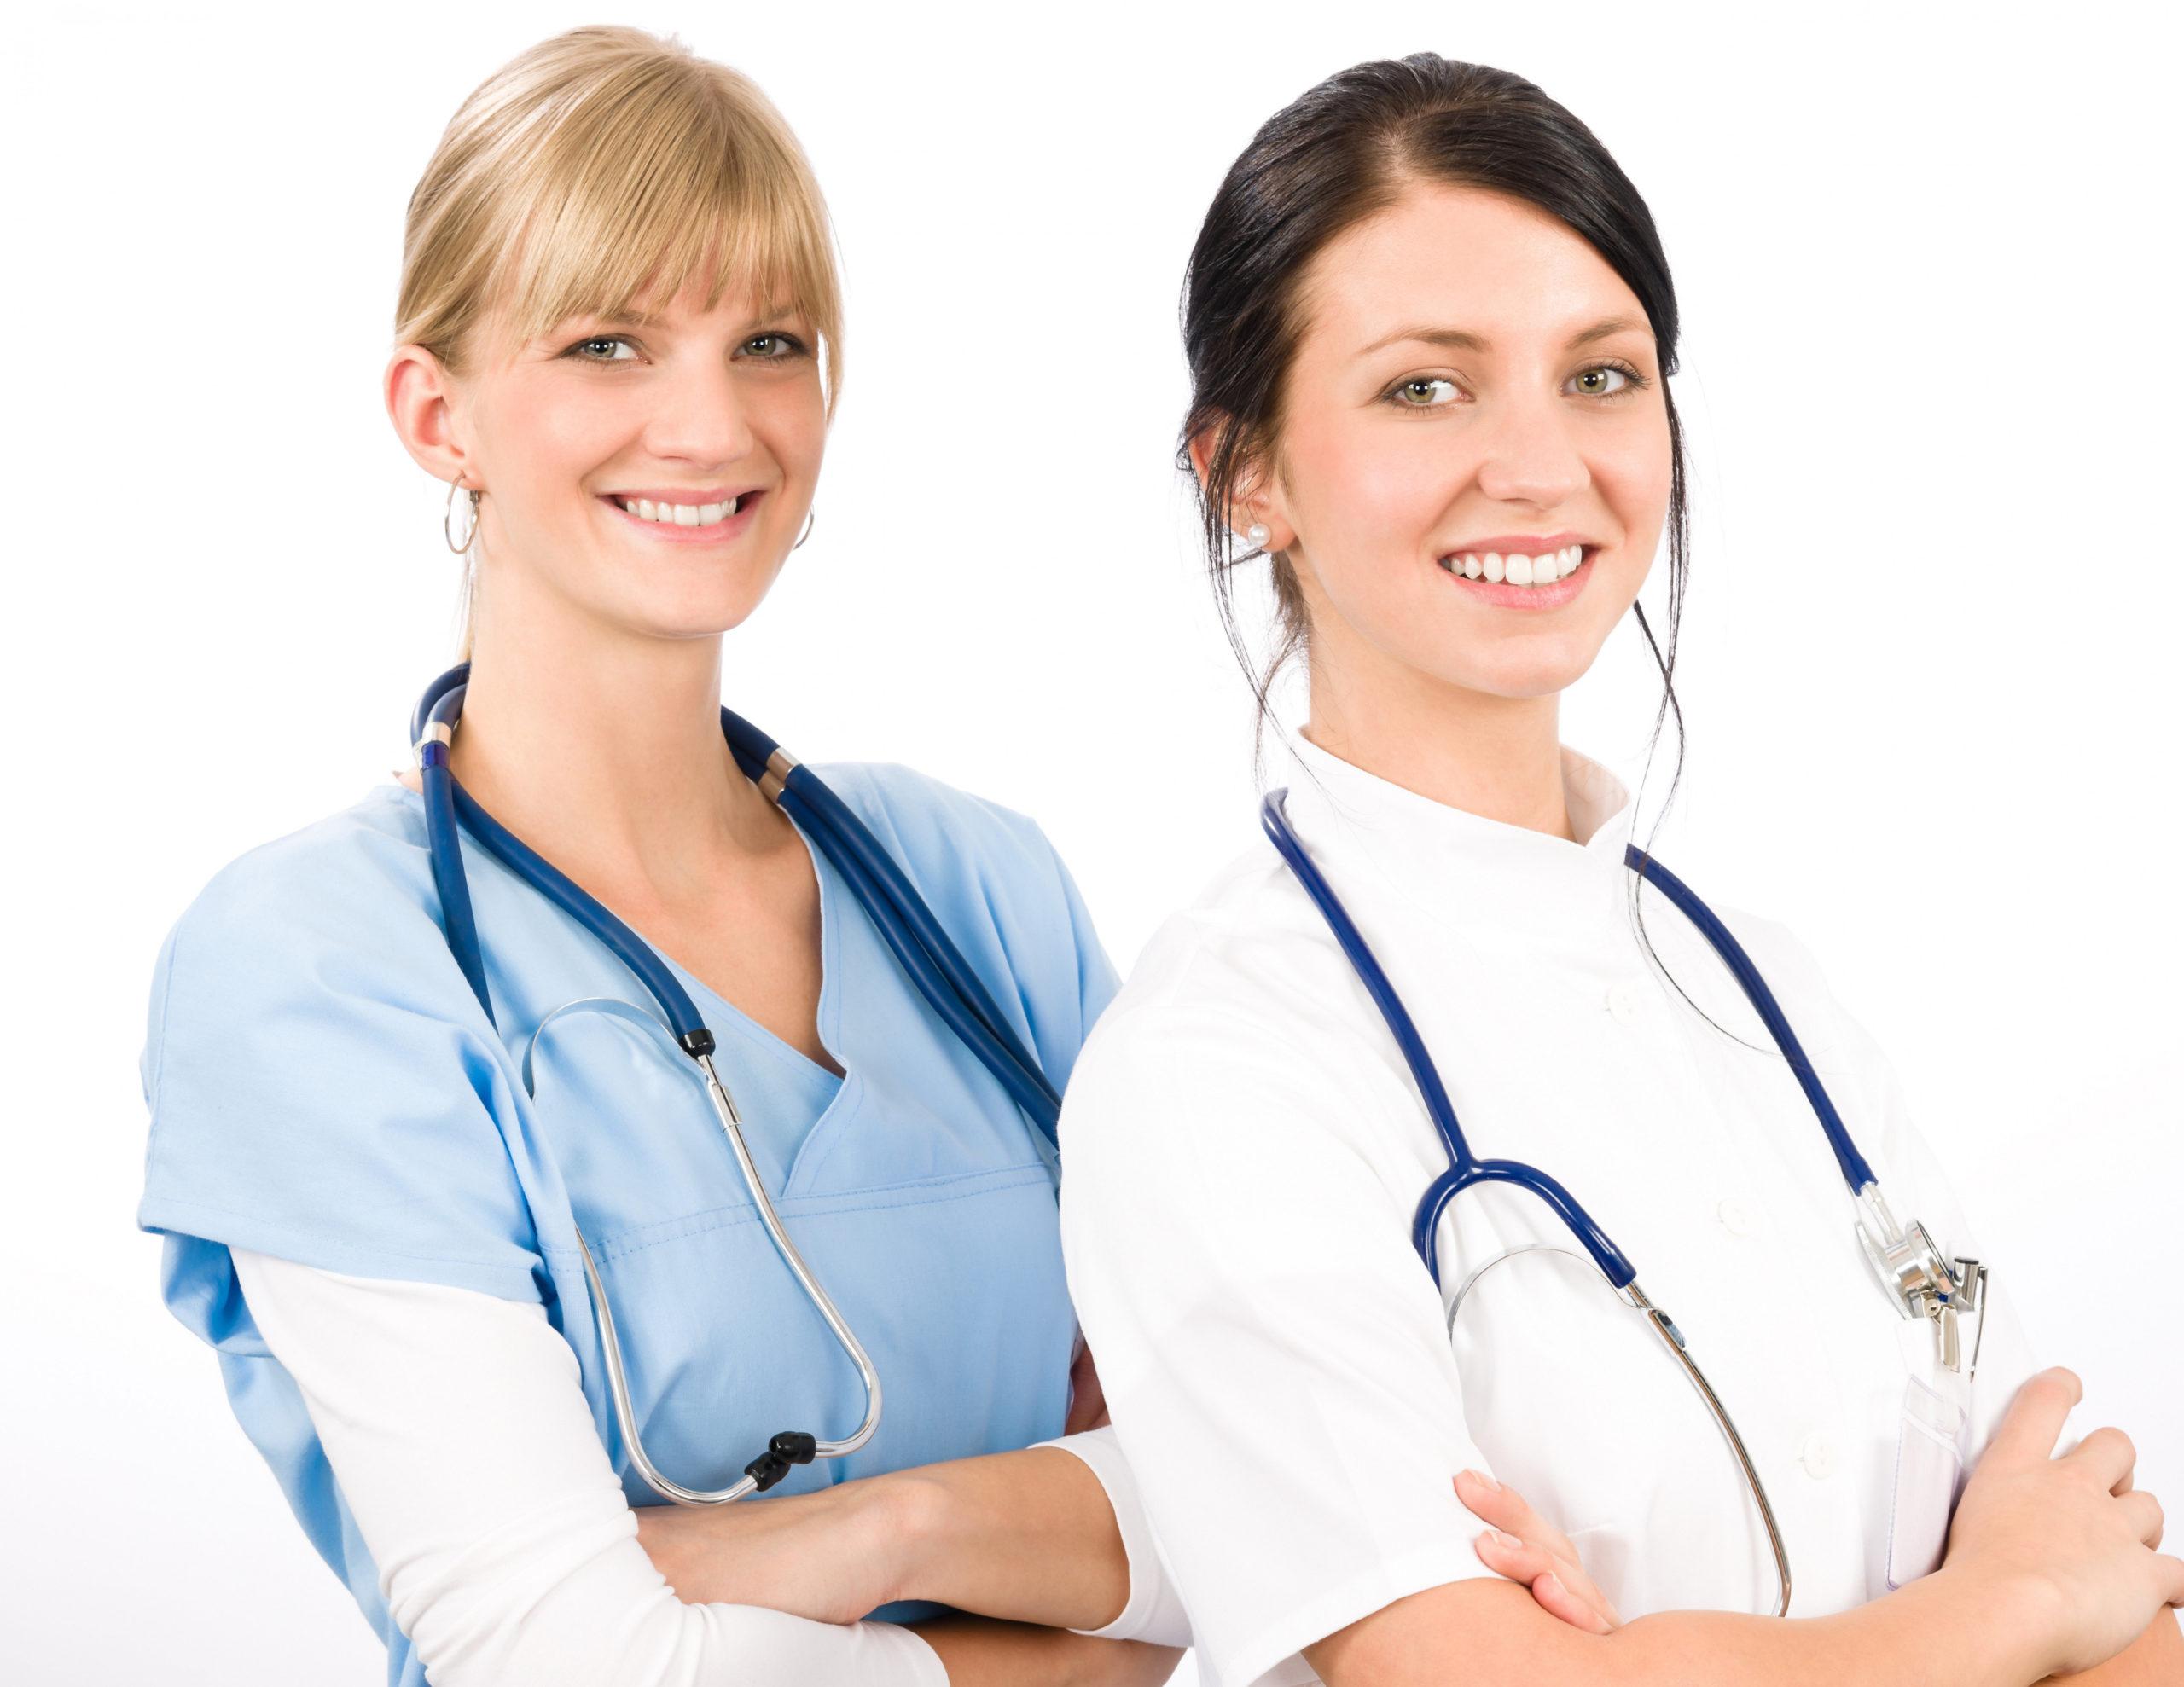 Advanced Placement Nursing Assistant